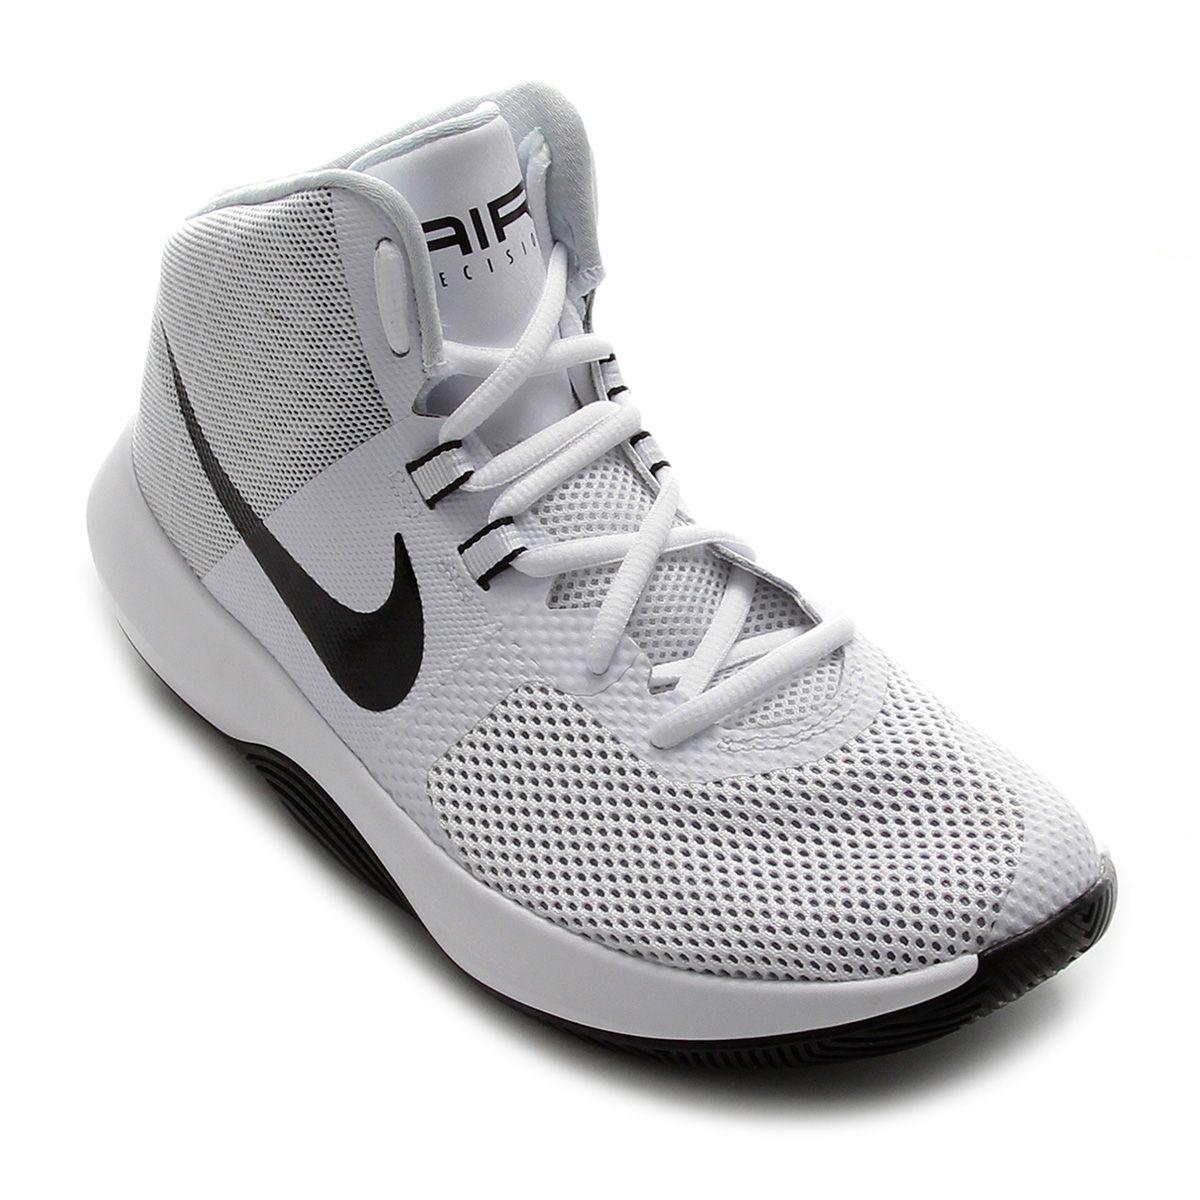 e57223dc8 Tênis Cano Alto Nike Air Precision Masculino - Branco